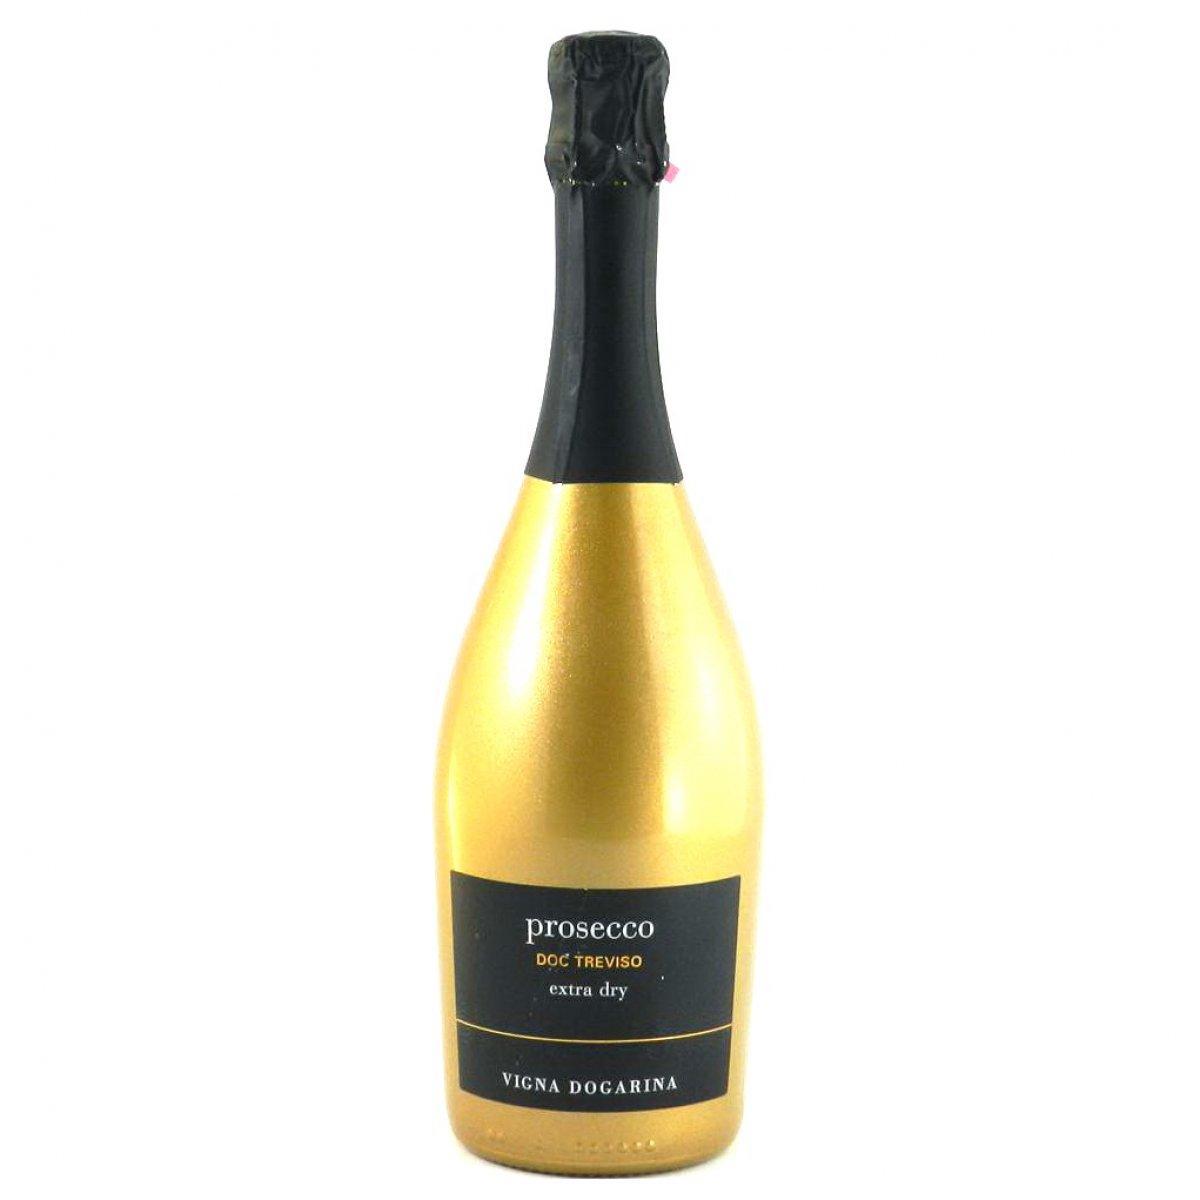 Вино Vigna Dogarina prosecco DOC treviso extra dry 11% 0.75л. Италия